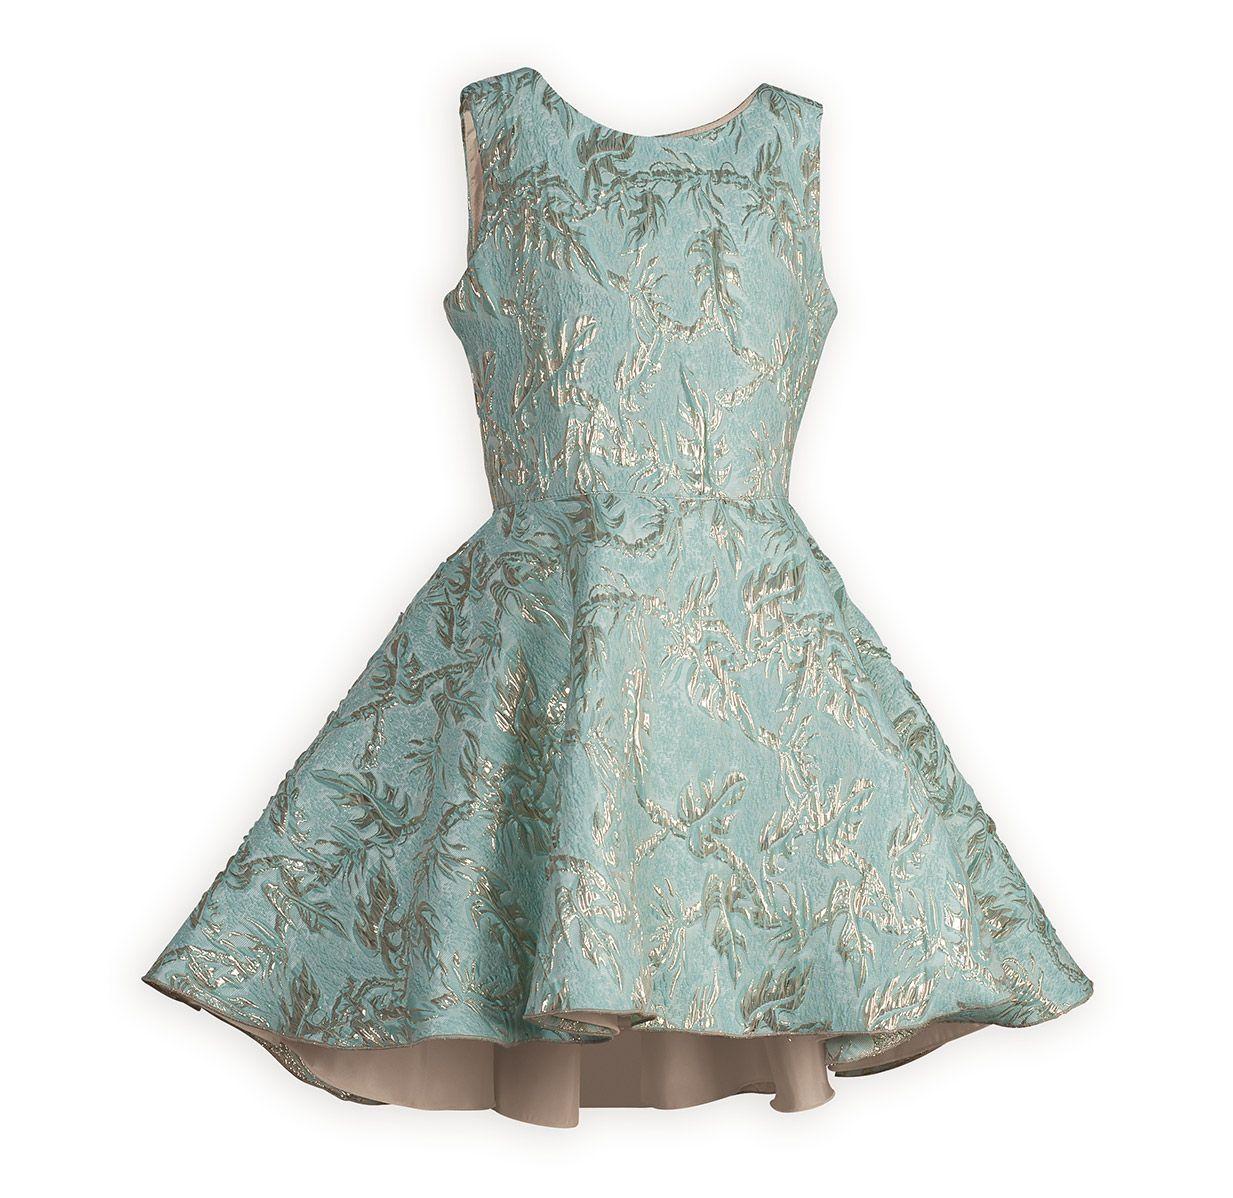 Aqua and Gold Tween Party Dress | Tween party dresses, Tween and Aqua